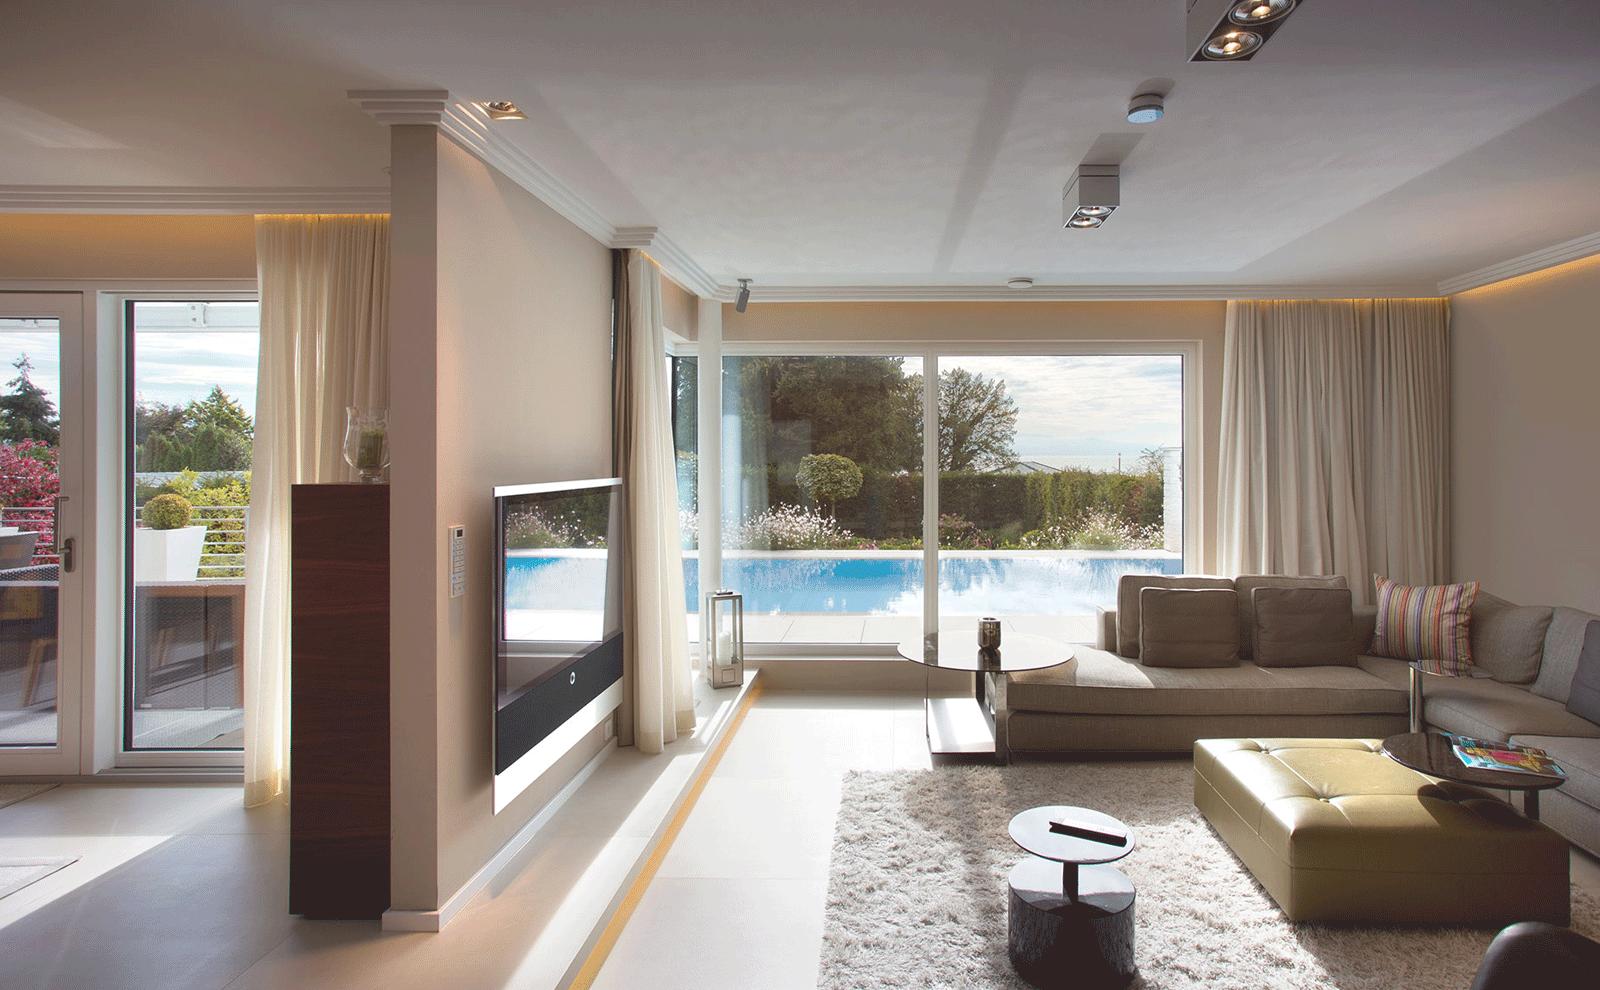 Wohnzimmer mit blick auf den pool